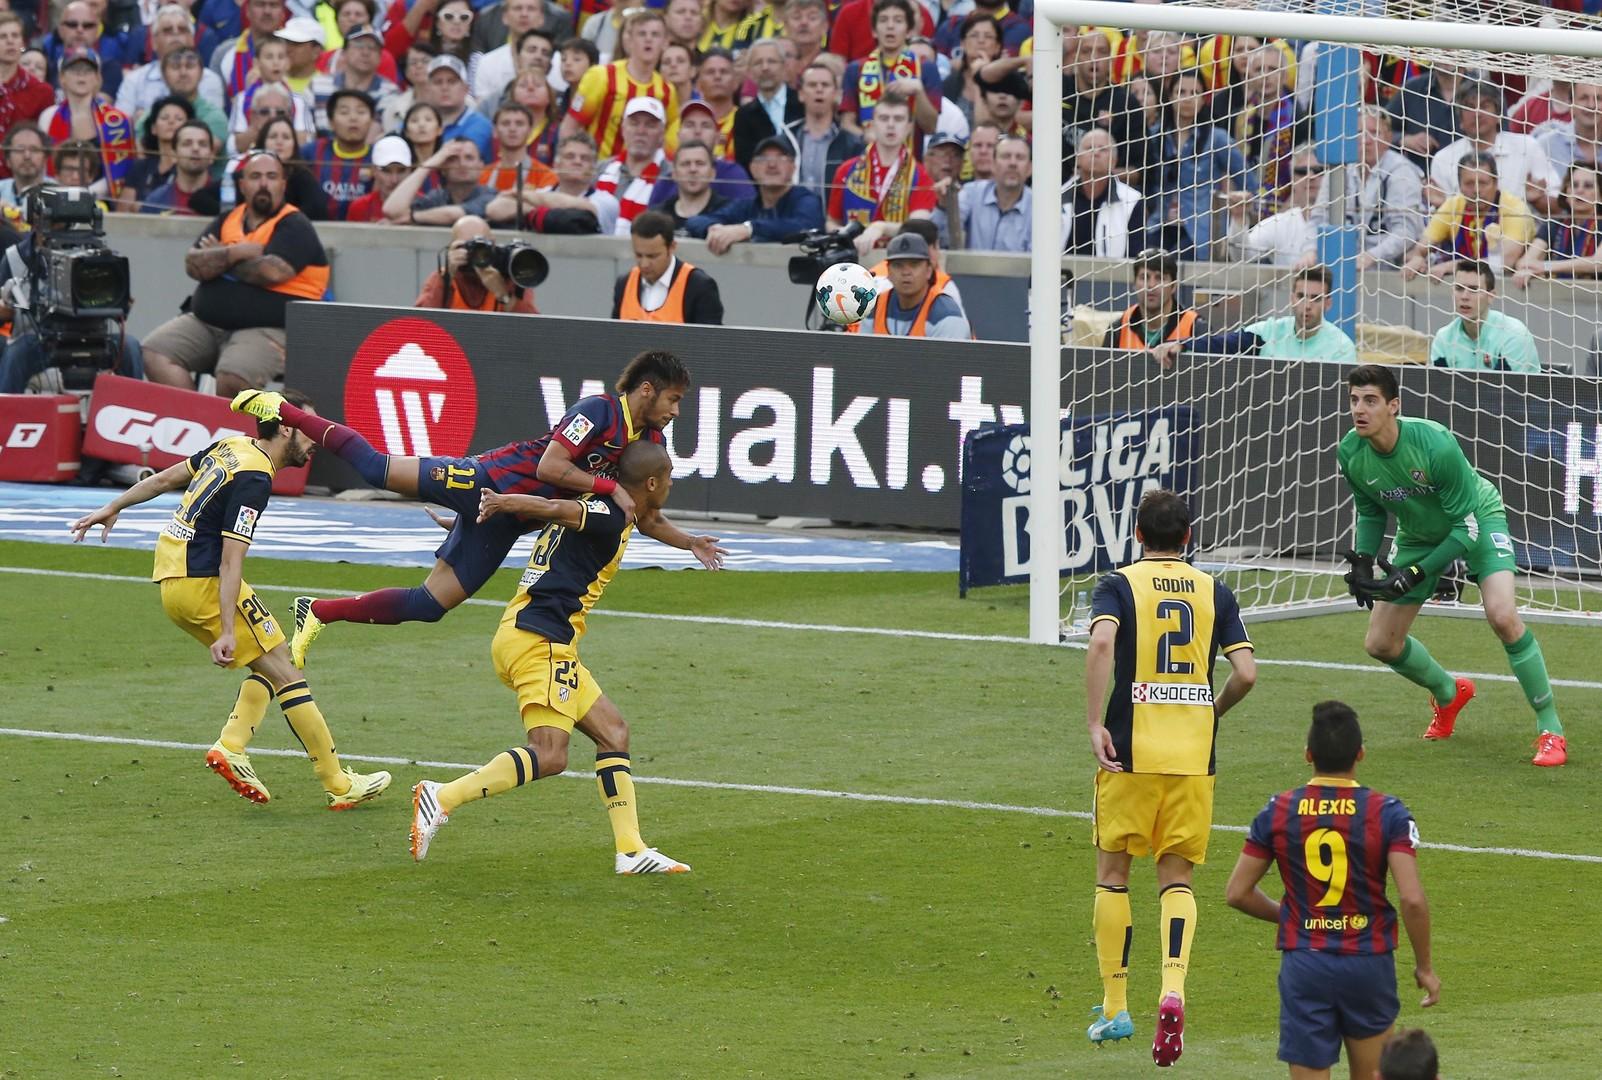 برشلونة وأتلتيكو مدريد في